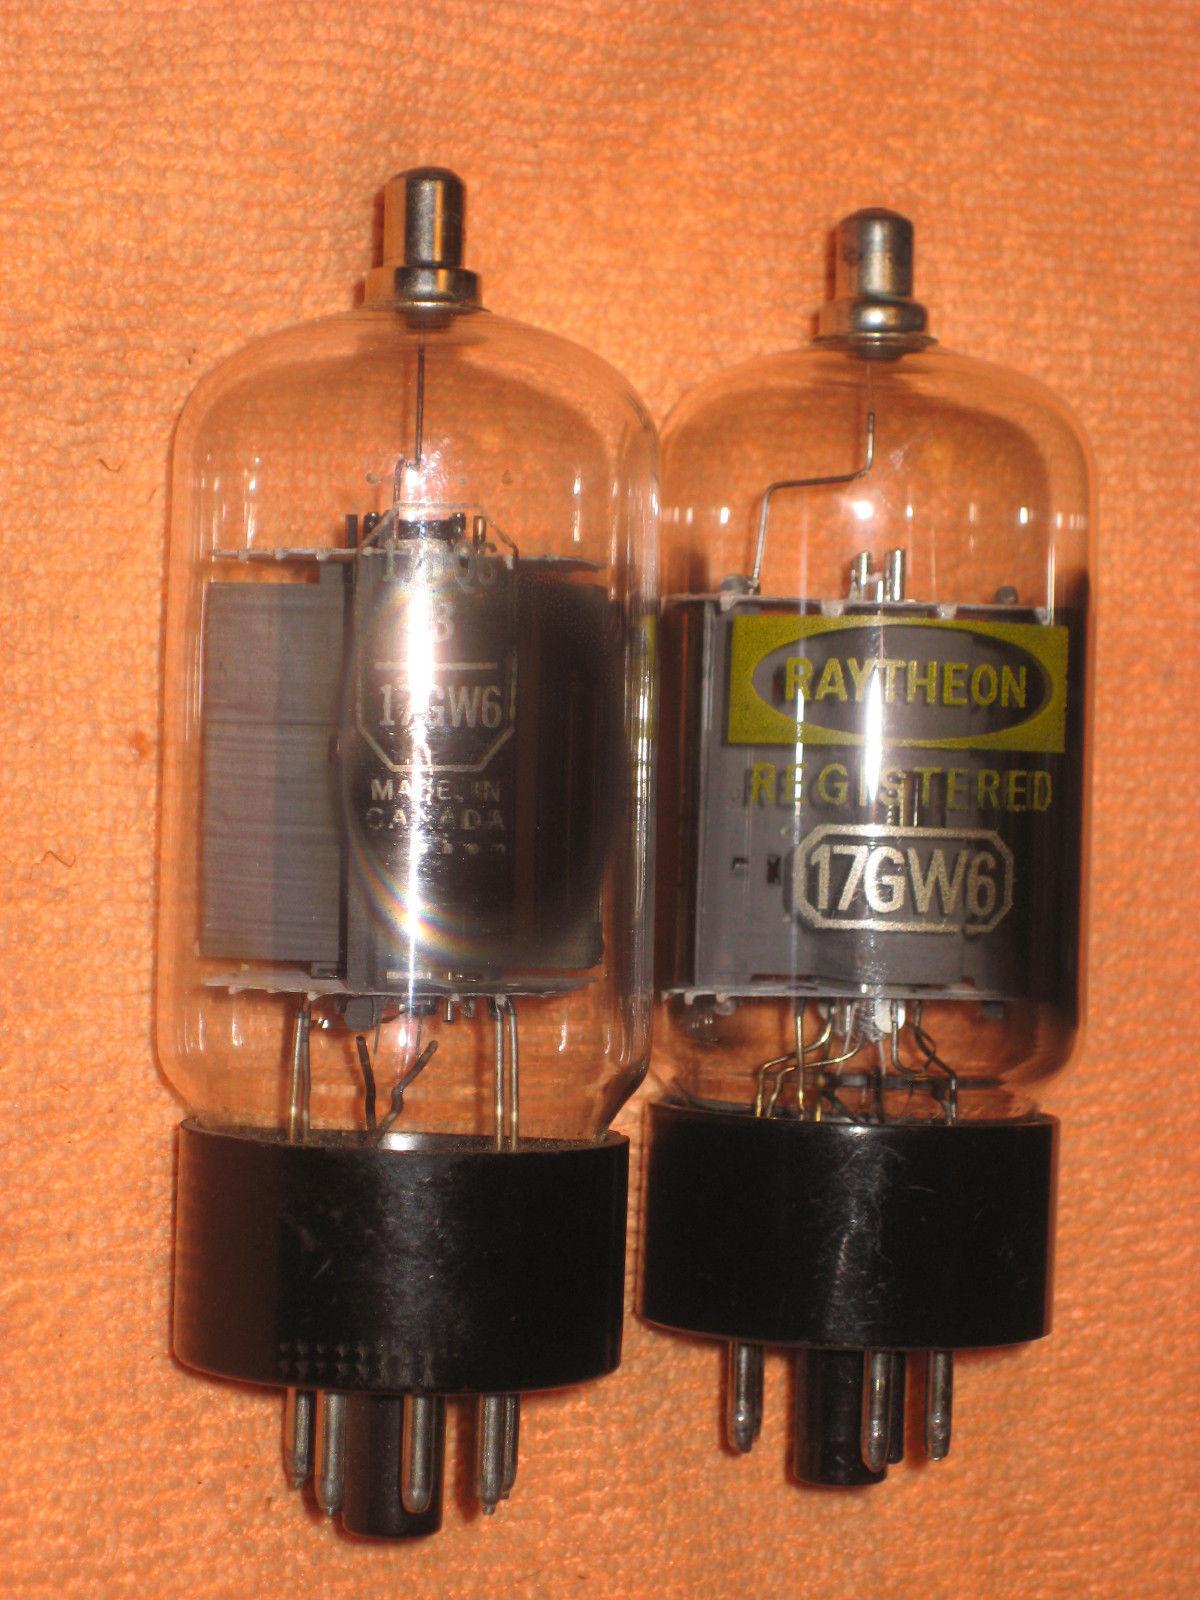 Vintage Radio Vacuum Tube (one): 17DQ6B / 17GW6 - Tested Good